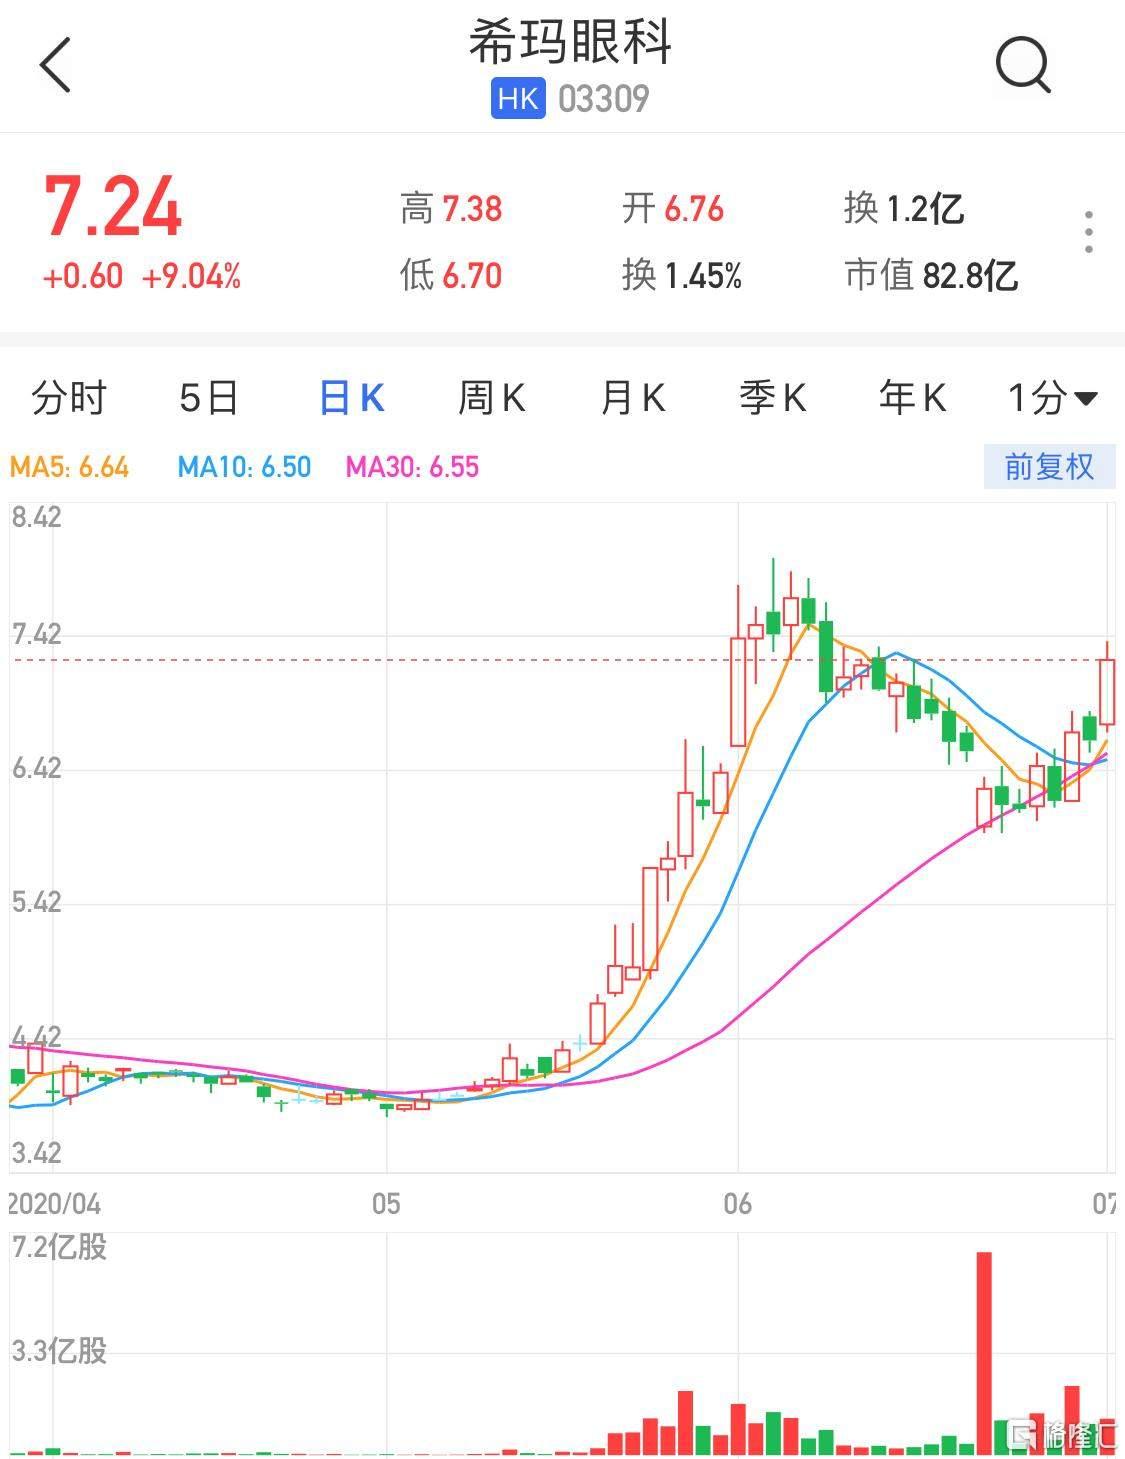 港股异动   希玛眼科(3309.HK)大涨9% 完成配股净筹3.88亿港元